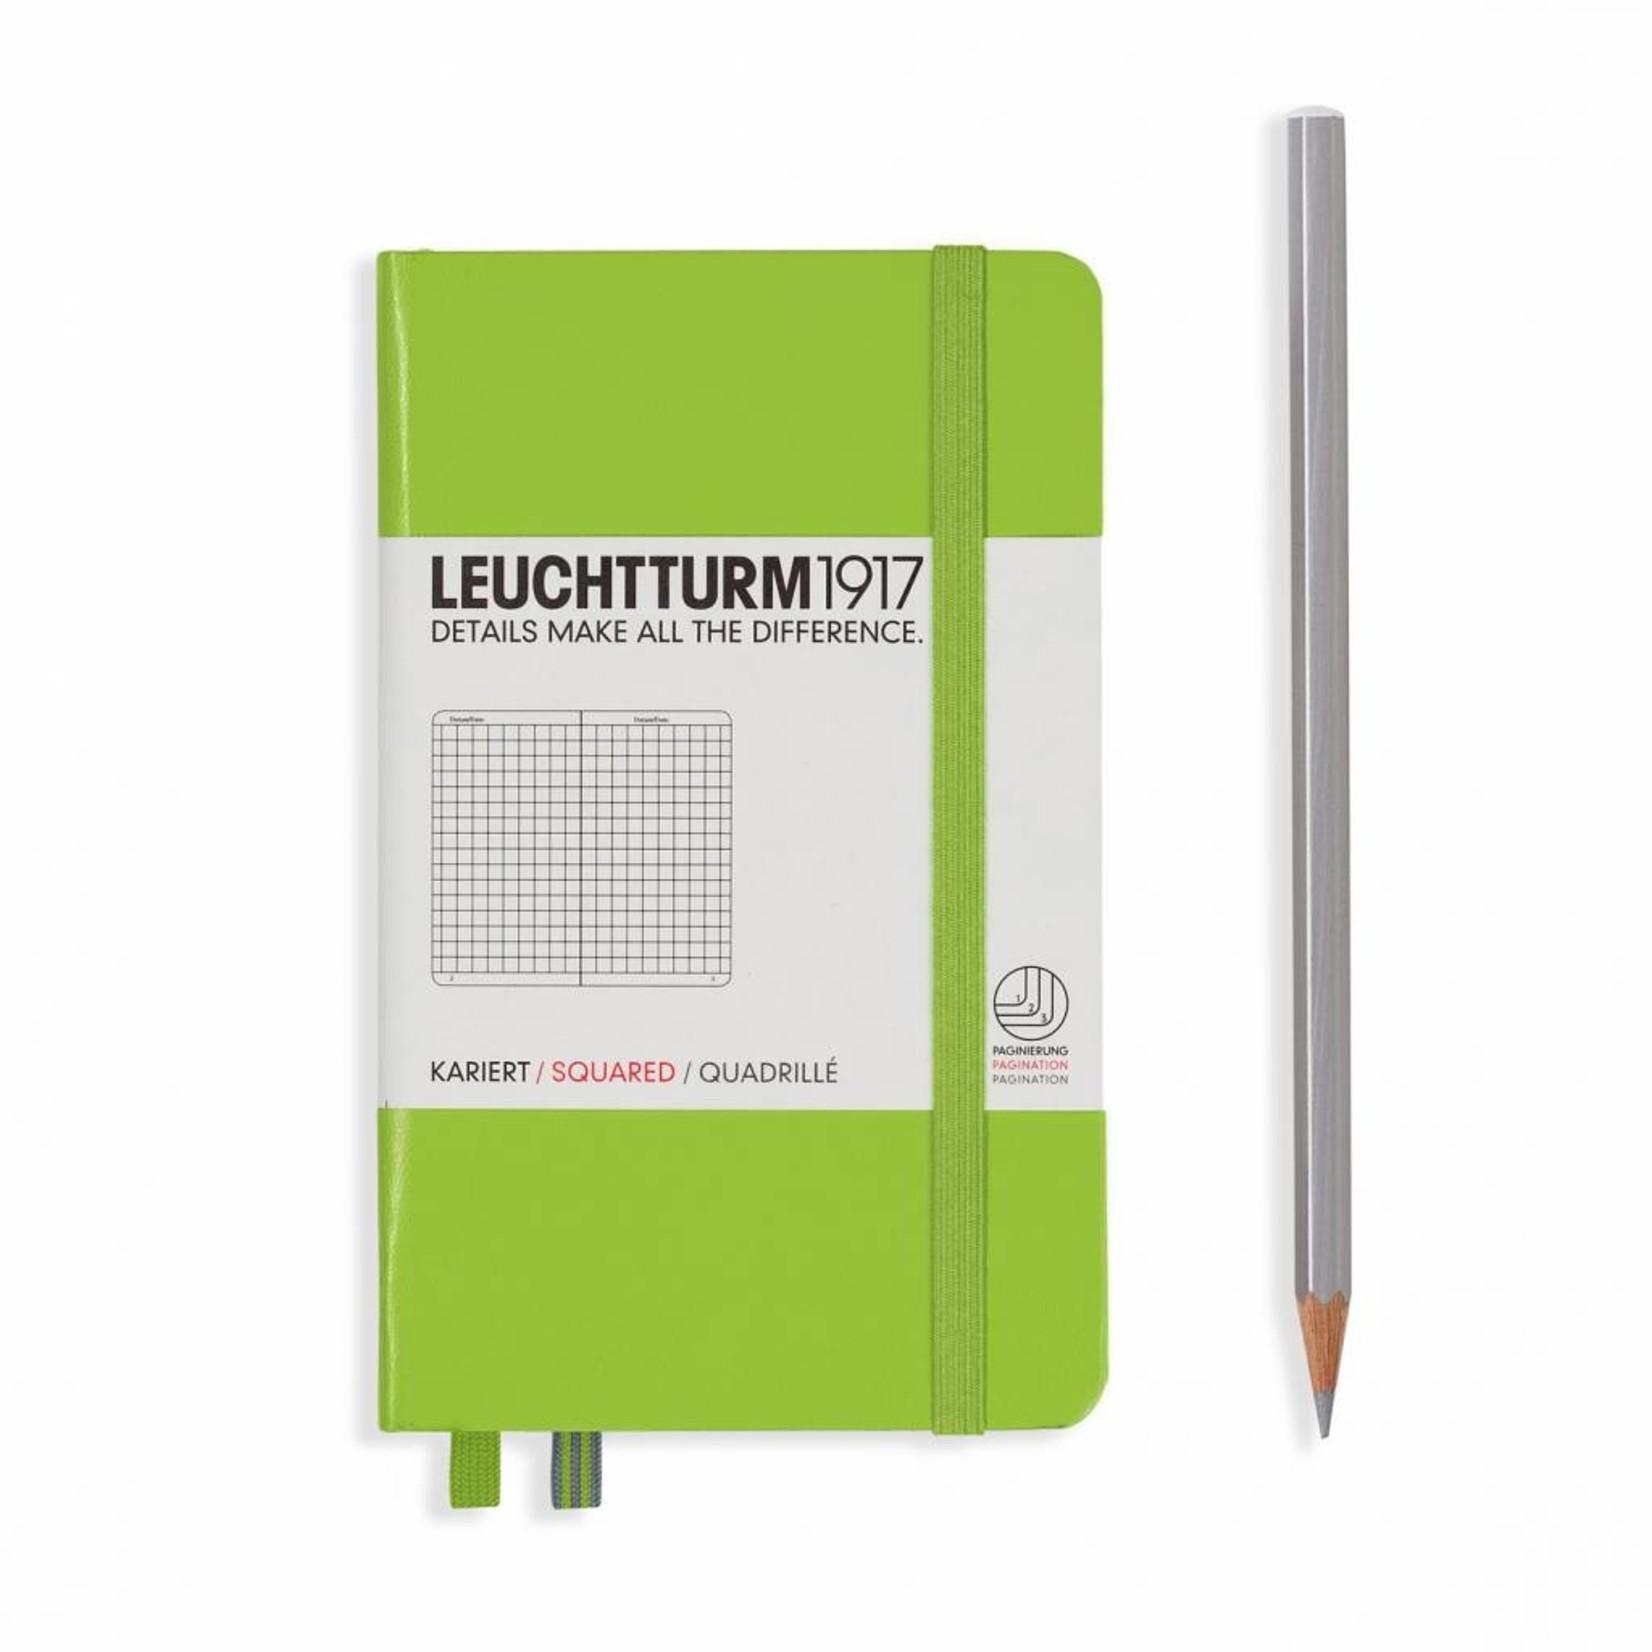 Leuchtturm1917 Leuchtturm1917 Notizbuch, Pocket, Smaragd, Kariert